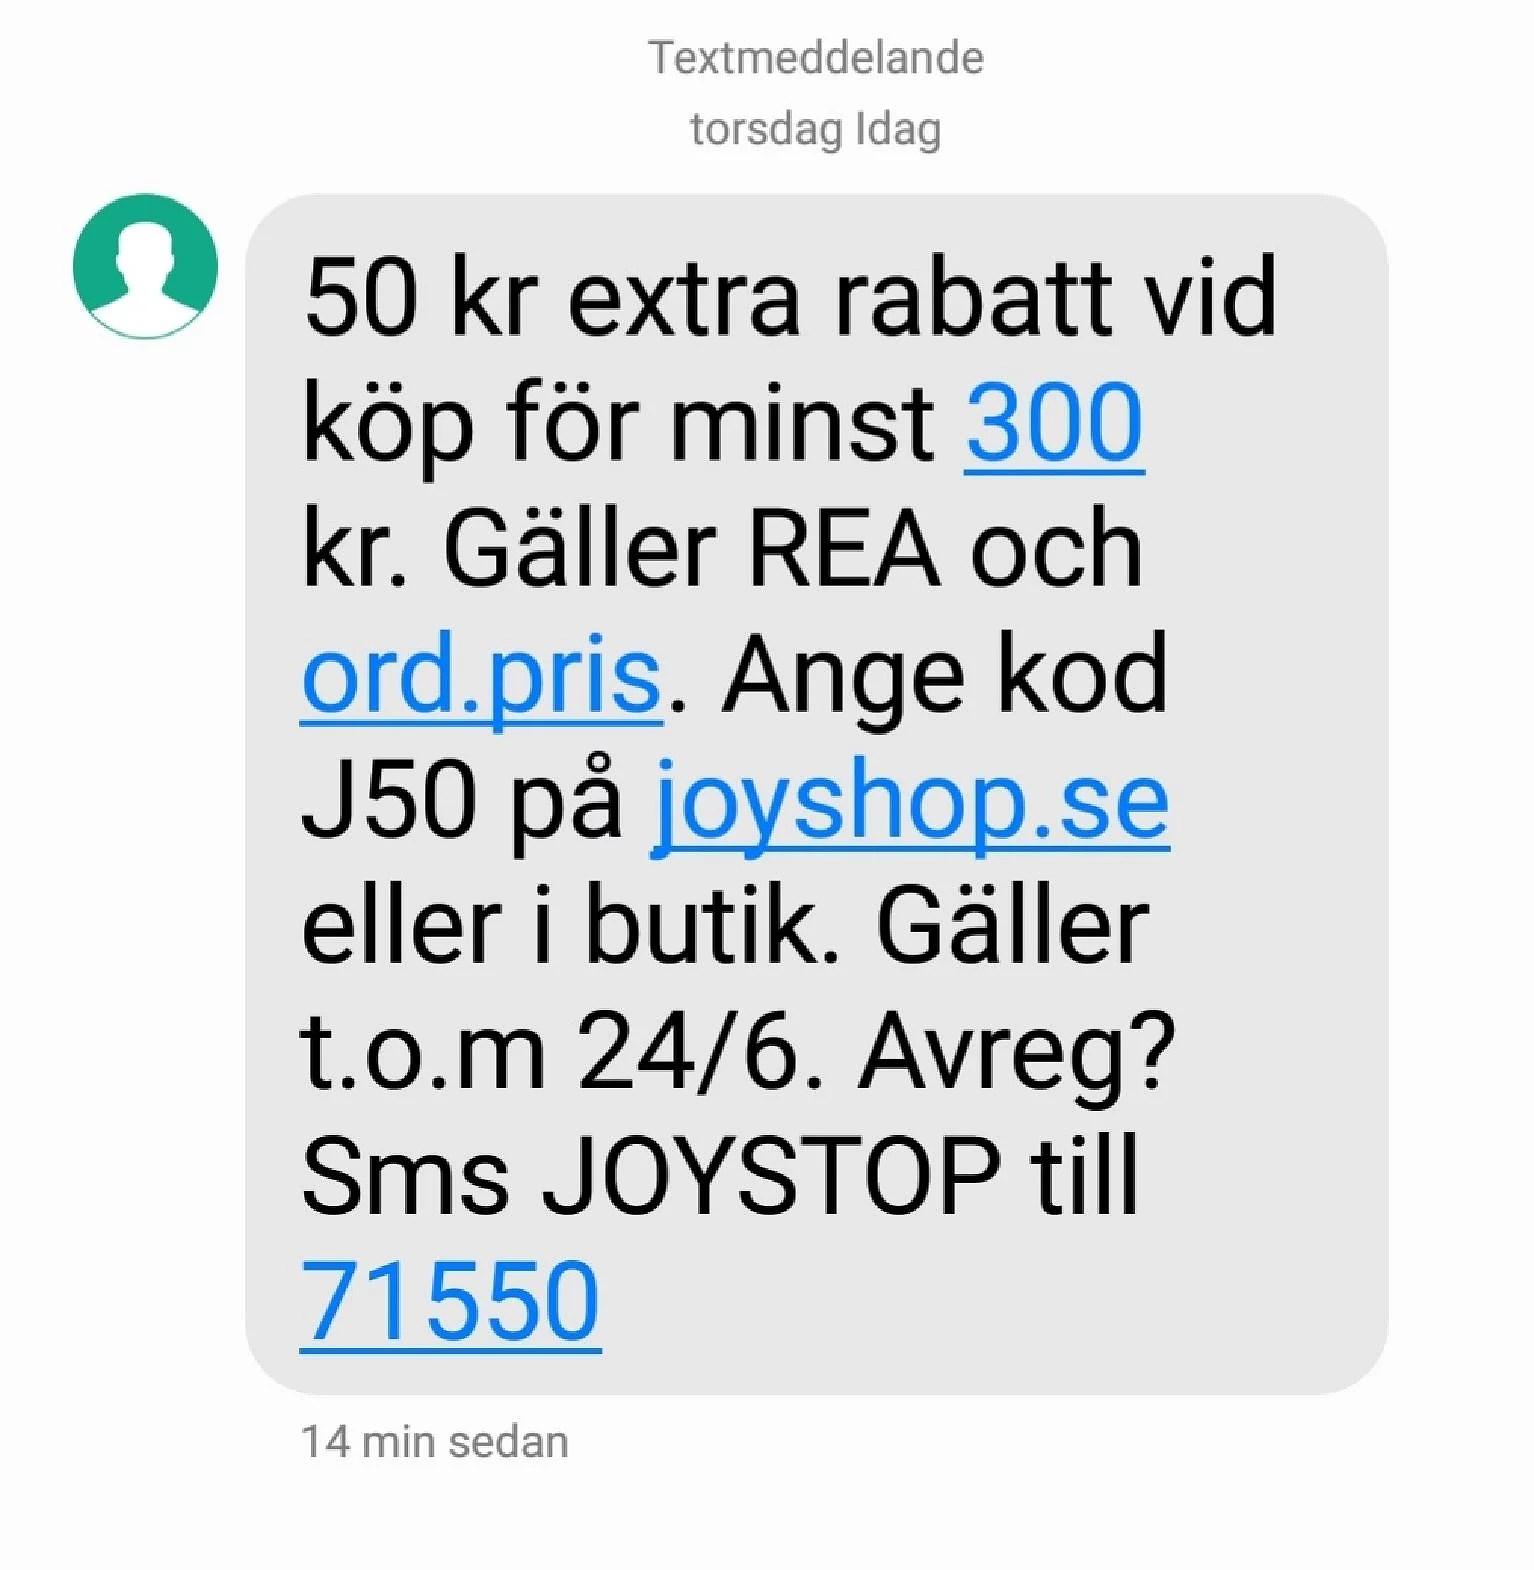 50 kr rabatt på Joy vid köp för 300 kr